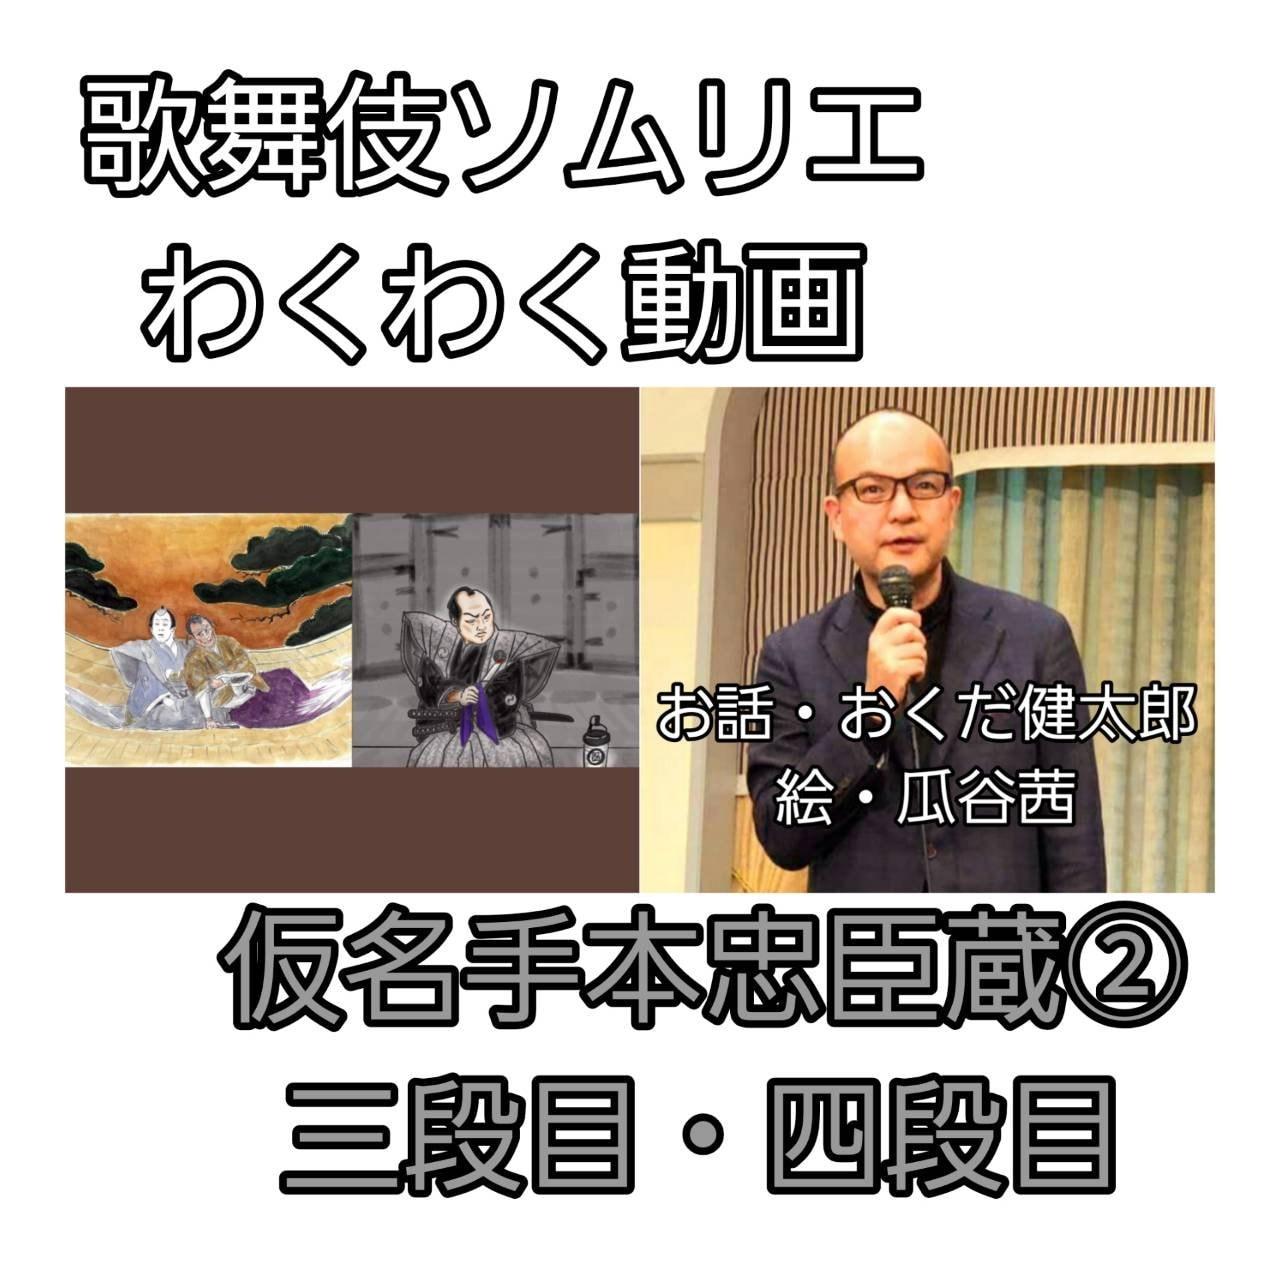 おくだ健太郎・歌舞伎ソムリエが、わかりやすく楽しく、歌舞伎の名作を解説トーク!歌舞伎ソムリエわくわく動画「仮名手本忠臣蔵② 三段目・四段目」〜かなでほんちゅうしんぐら②さんだんめ・よだんめ〜約90分の動画です。のイメージその1